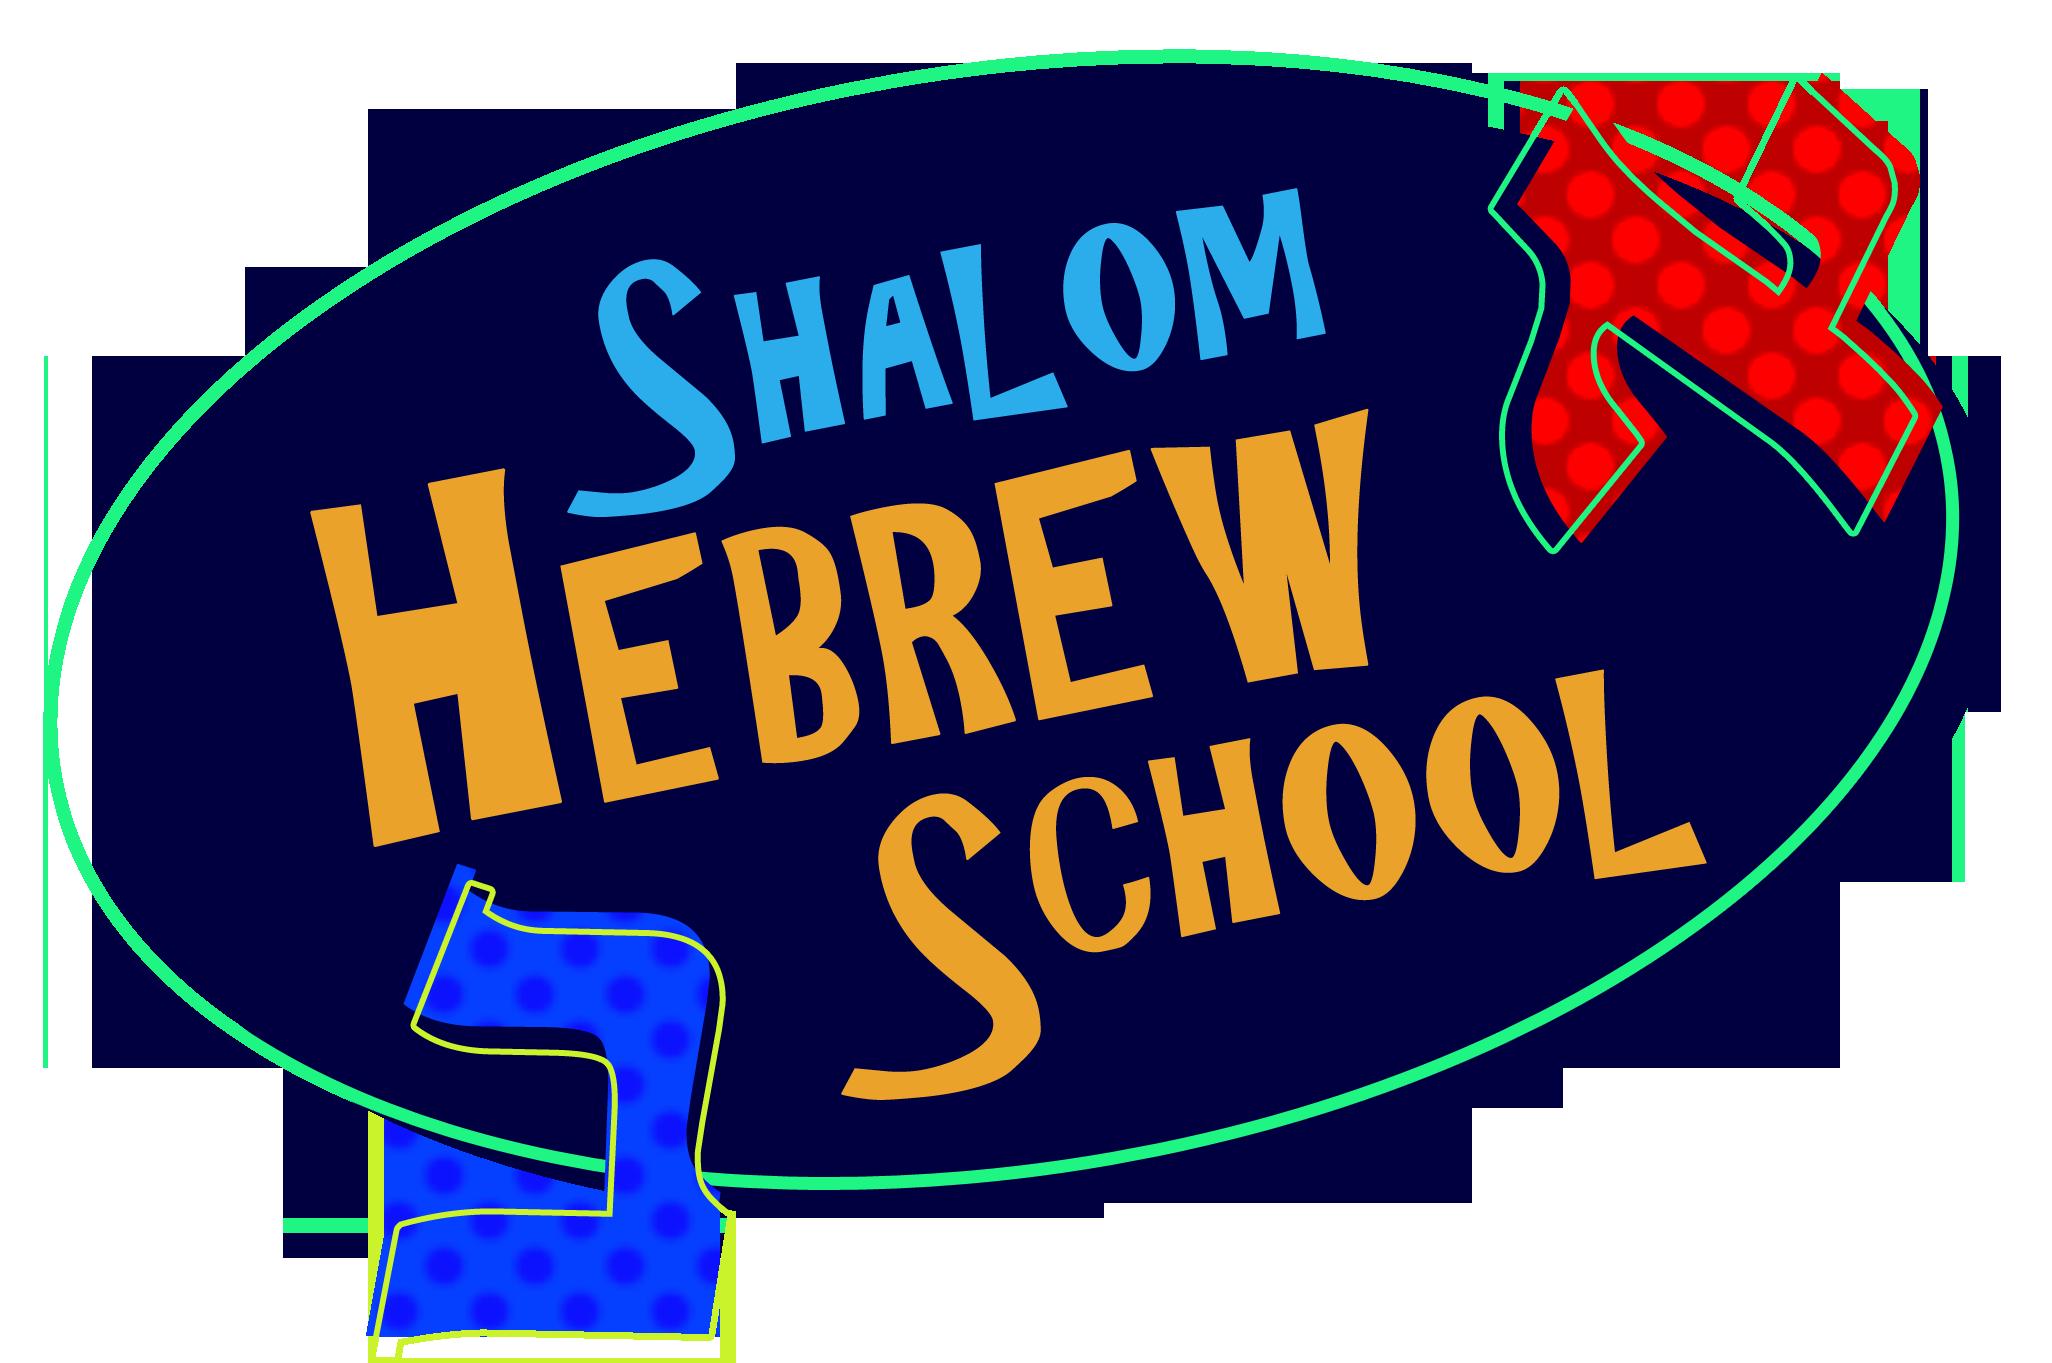 Purim clipart hebrew. Events temple beth el